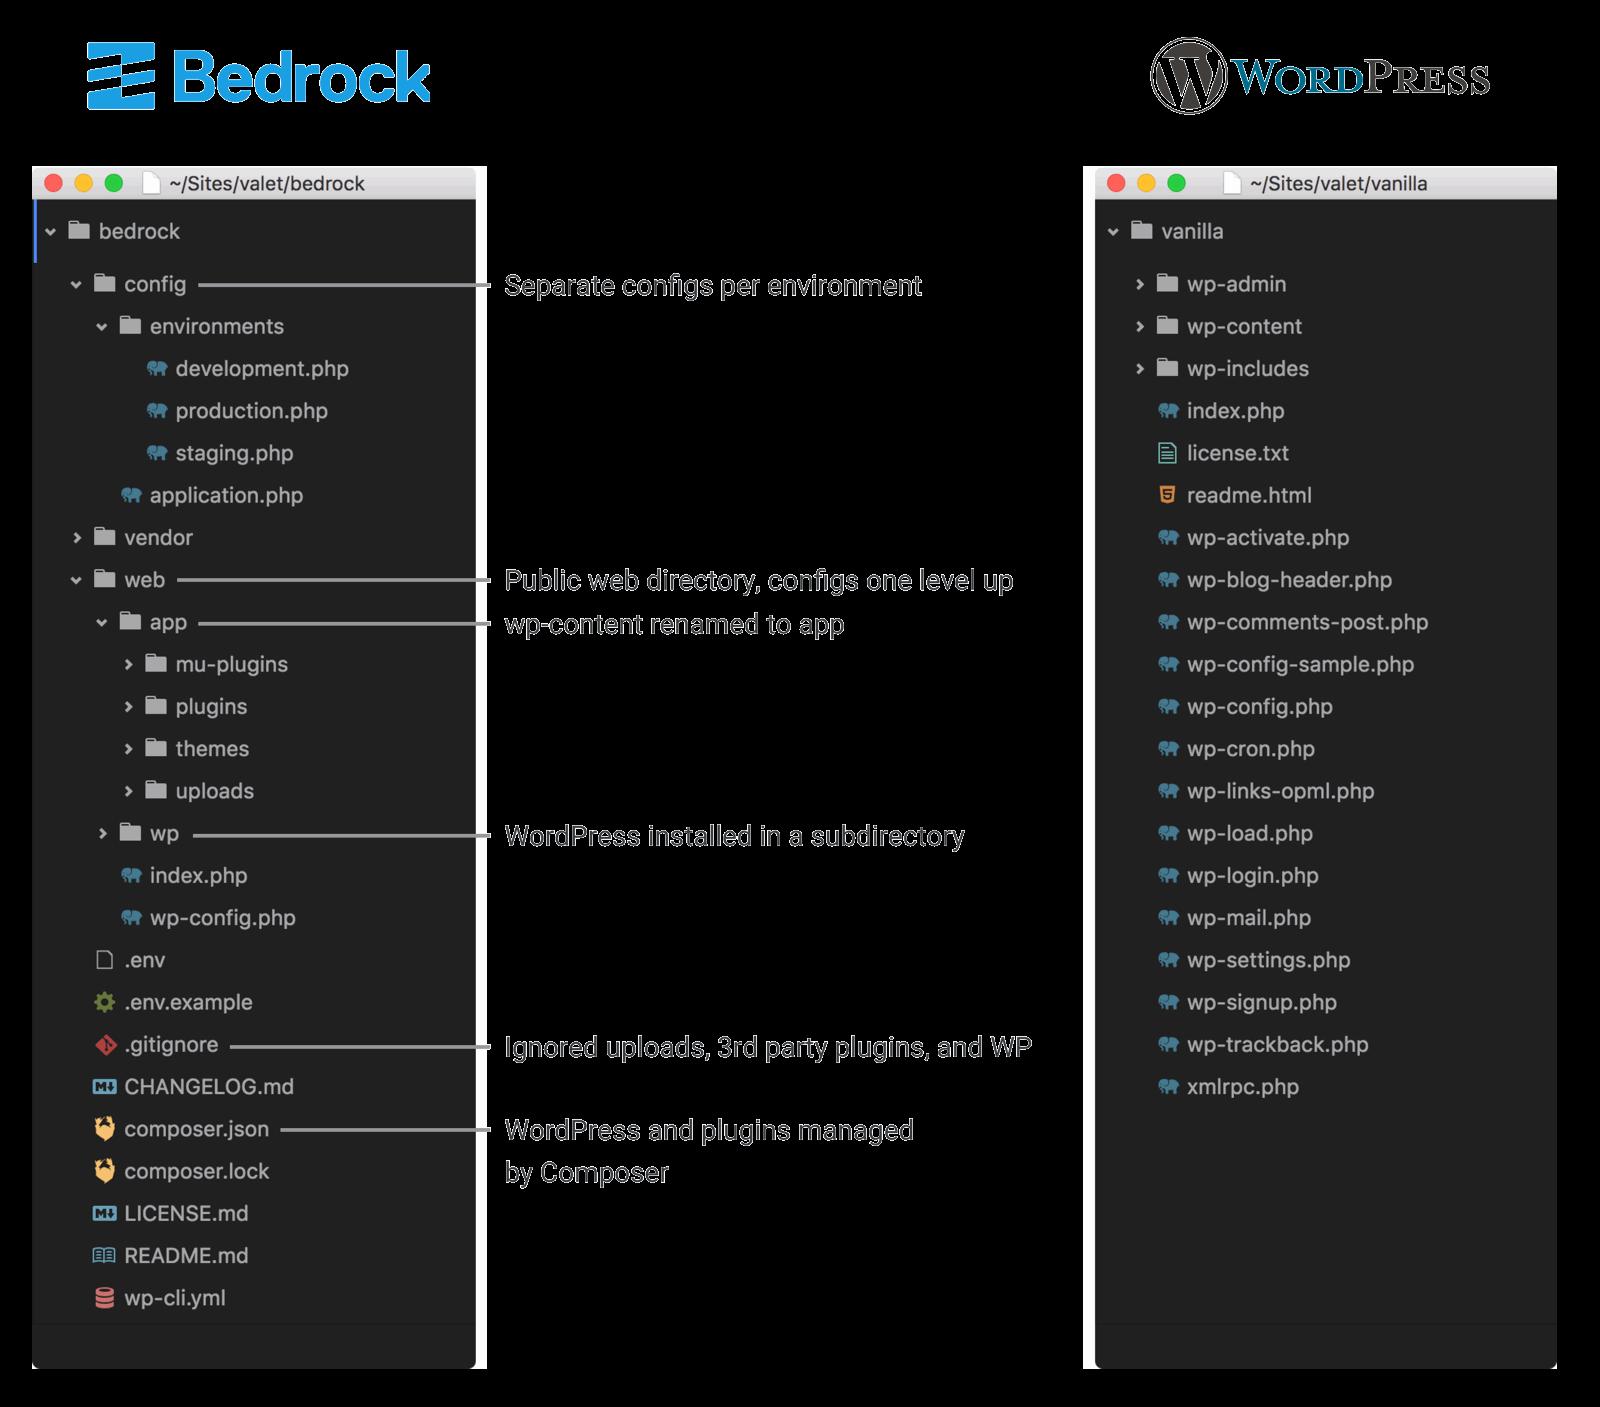 Bedrock vs. WordPress